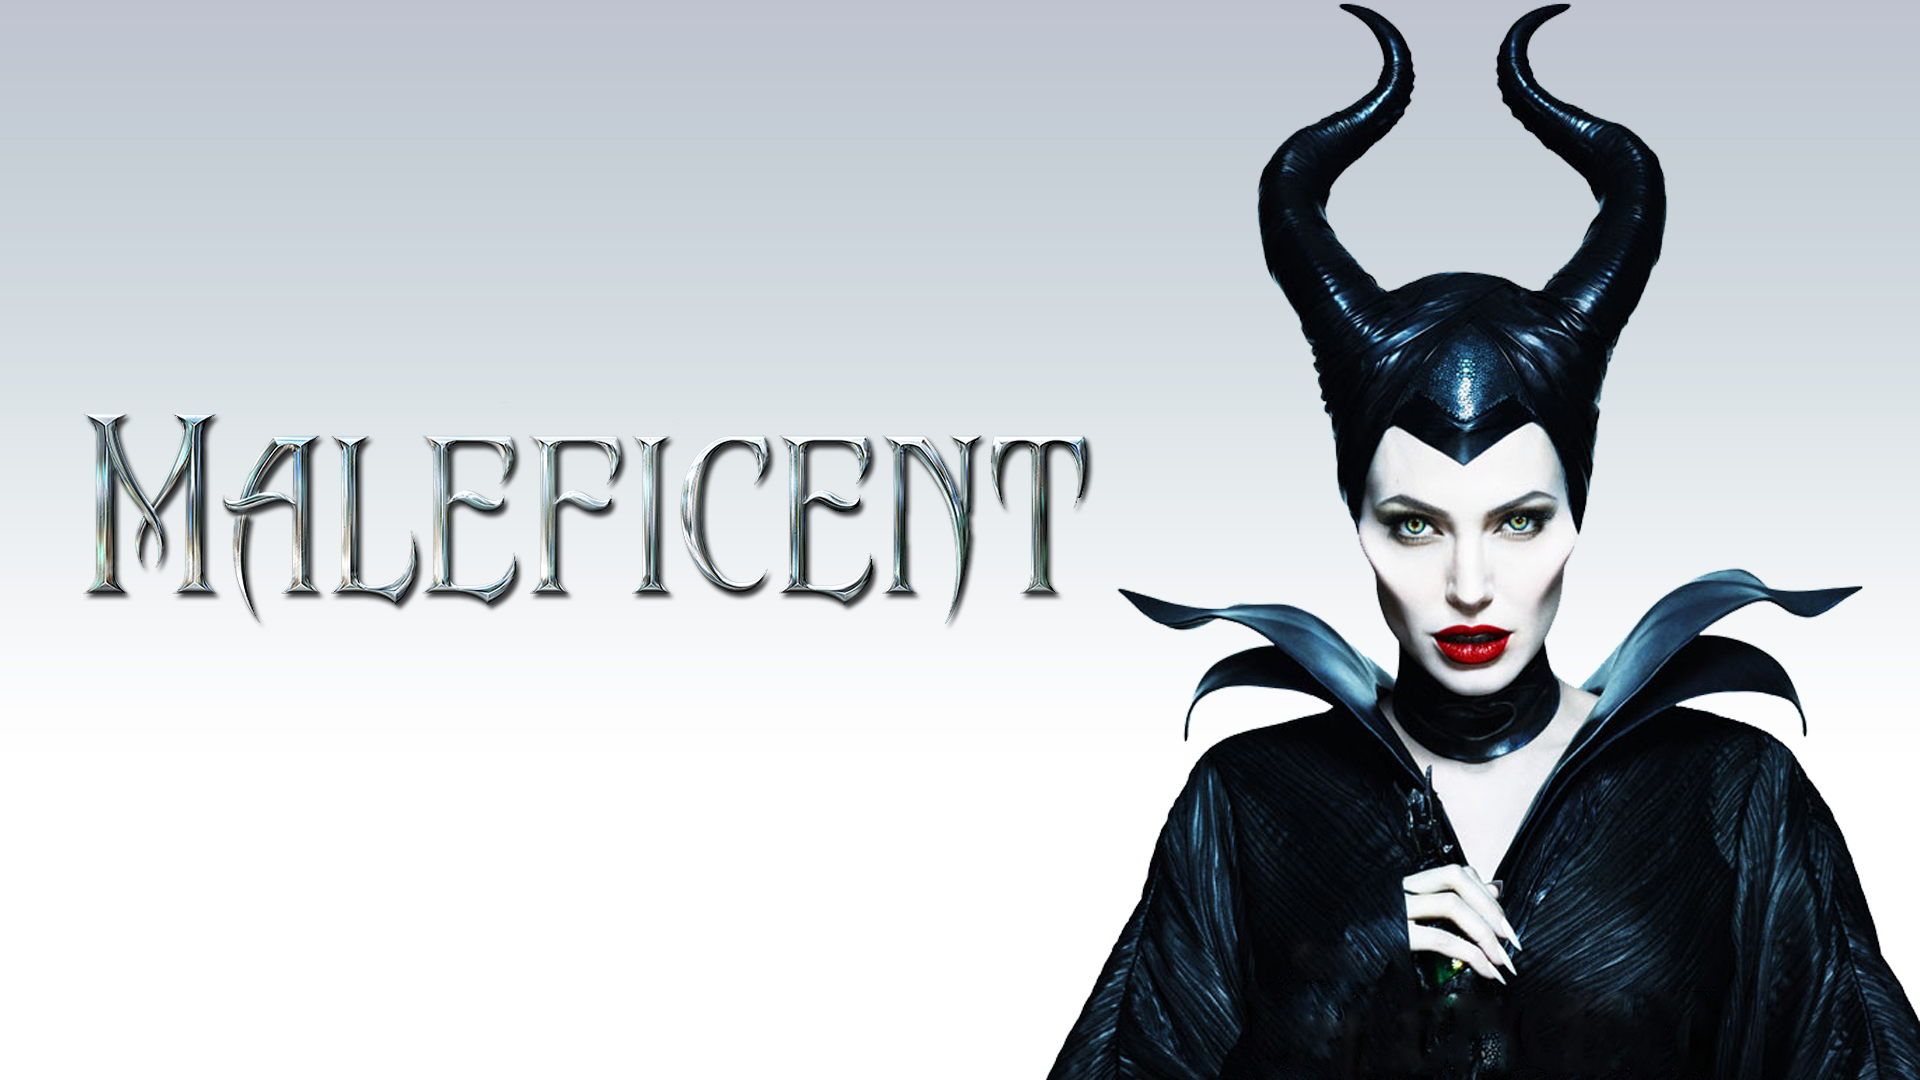 MaleficentWallpaper by jefftercero on DeviantArt